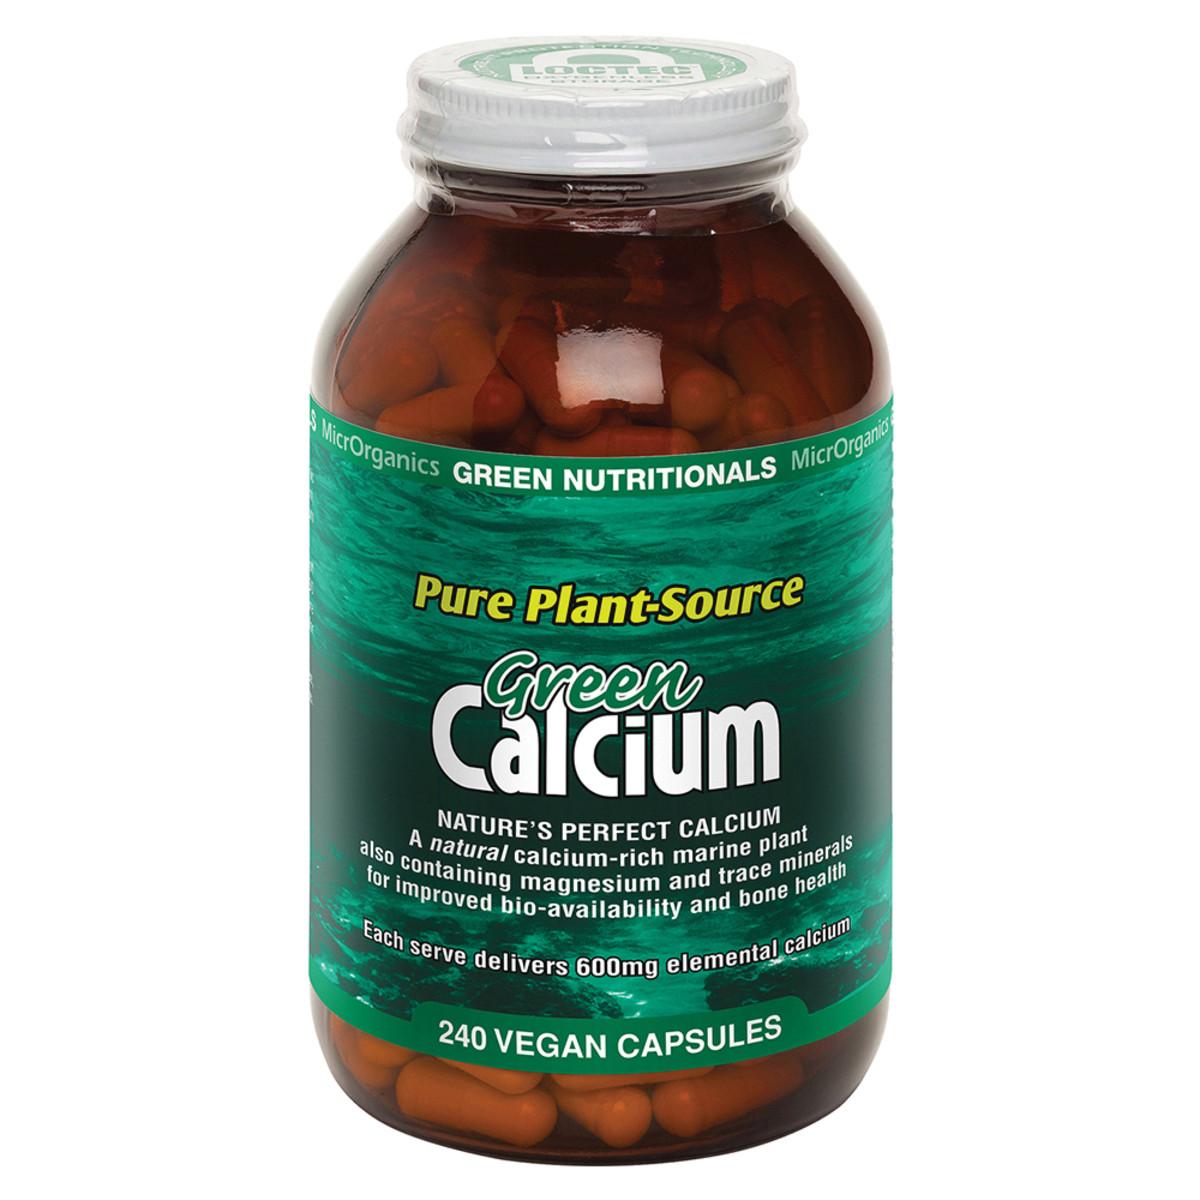 MICRORGANICS GREEN NUTRITIONALS GREEN CALCIUM 240C